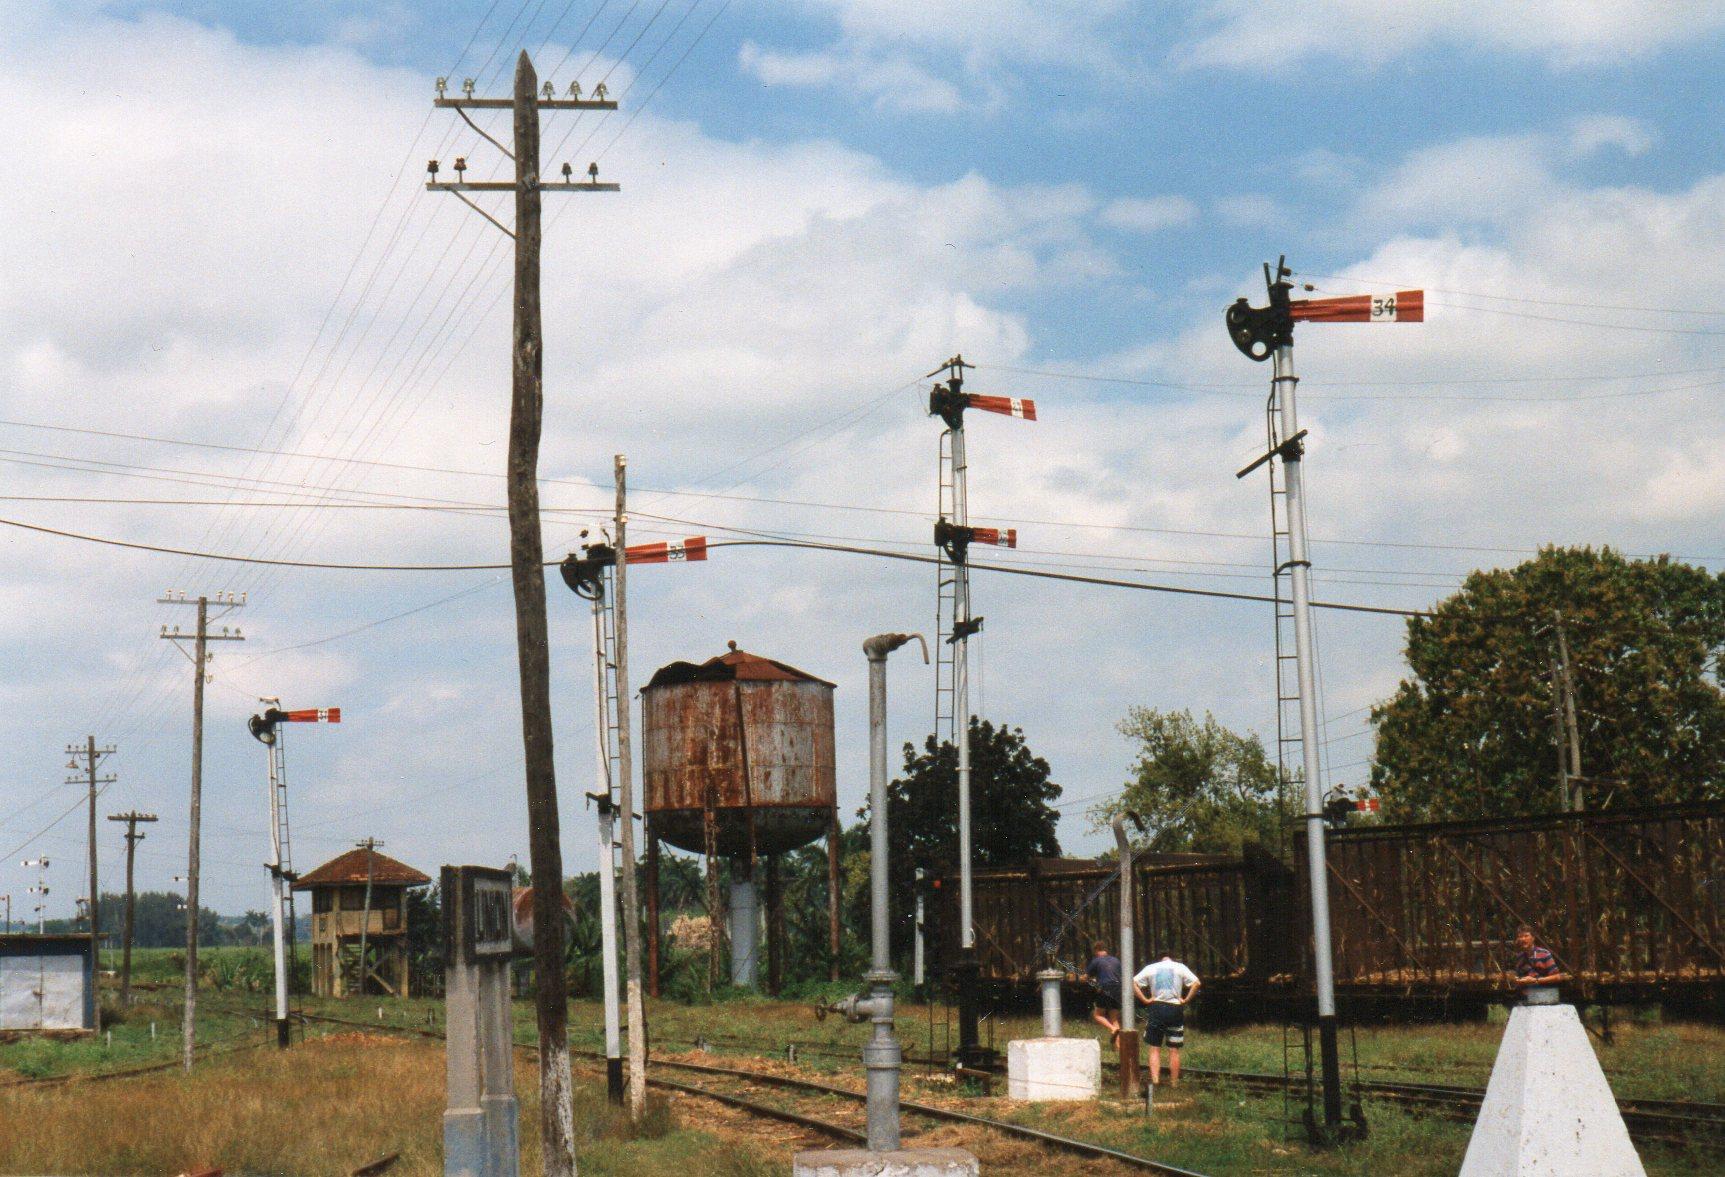 Udkørselssignaler for fire spor i Union de Reyes. Her var en gennemkørende FCC linje samt baner til tre sukkerfabrikker. Et par sukkerrørsvogne, et signalhus, en vandkran og et vandtårn ses også sammen med et par entusiaster.